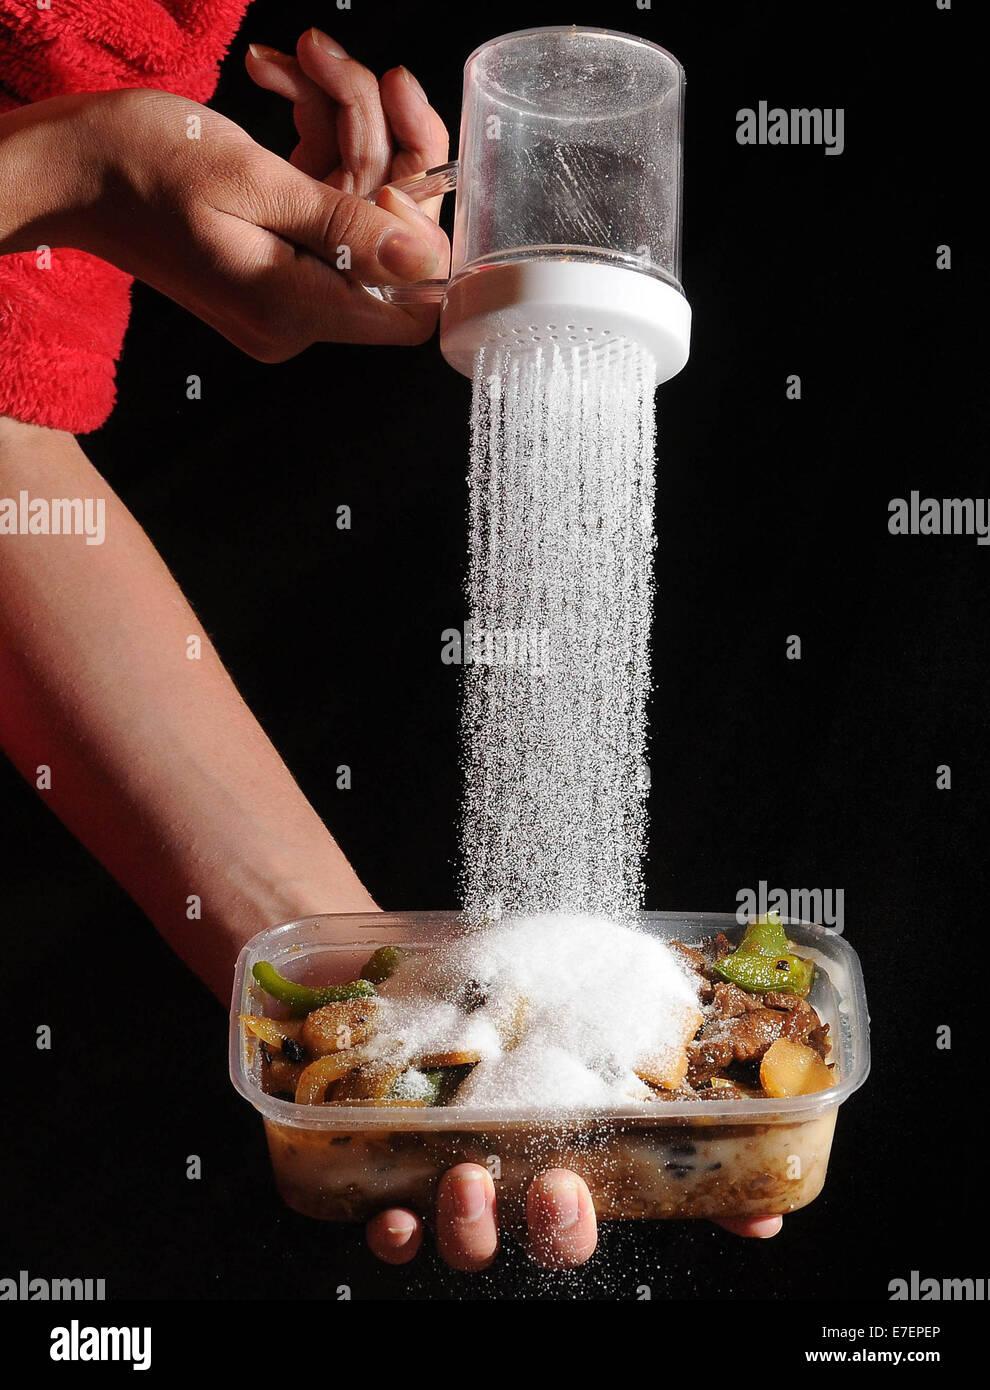 Une femme verse du sel sur un repas à emporter malsaine. Photo Stock